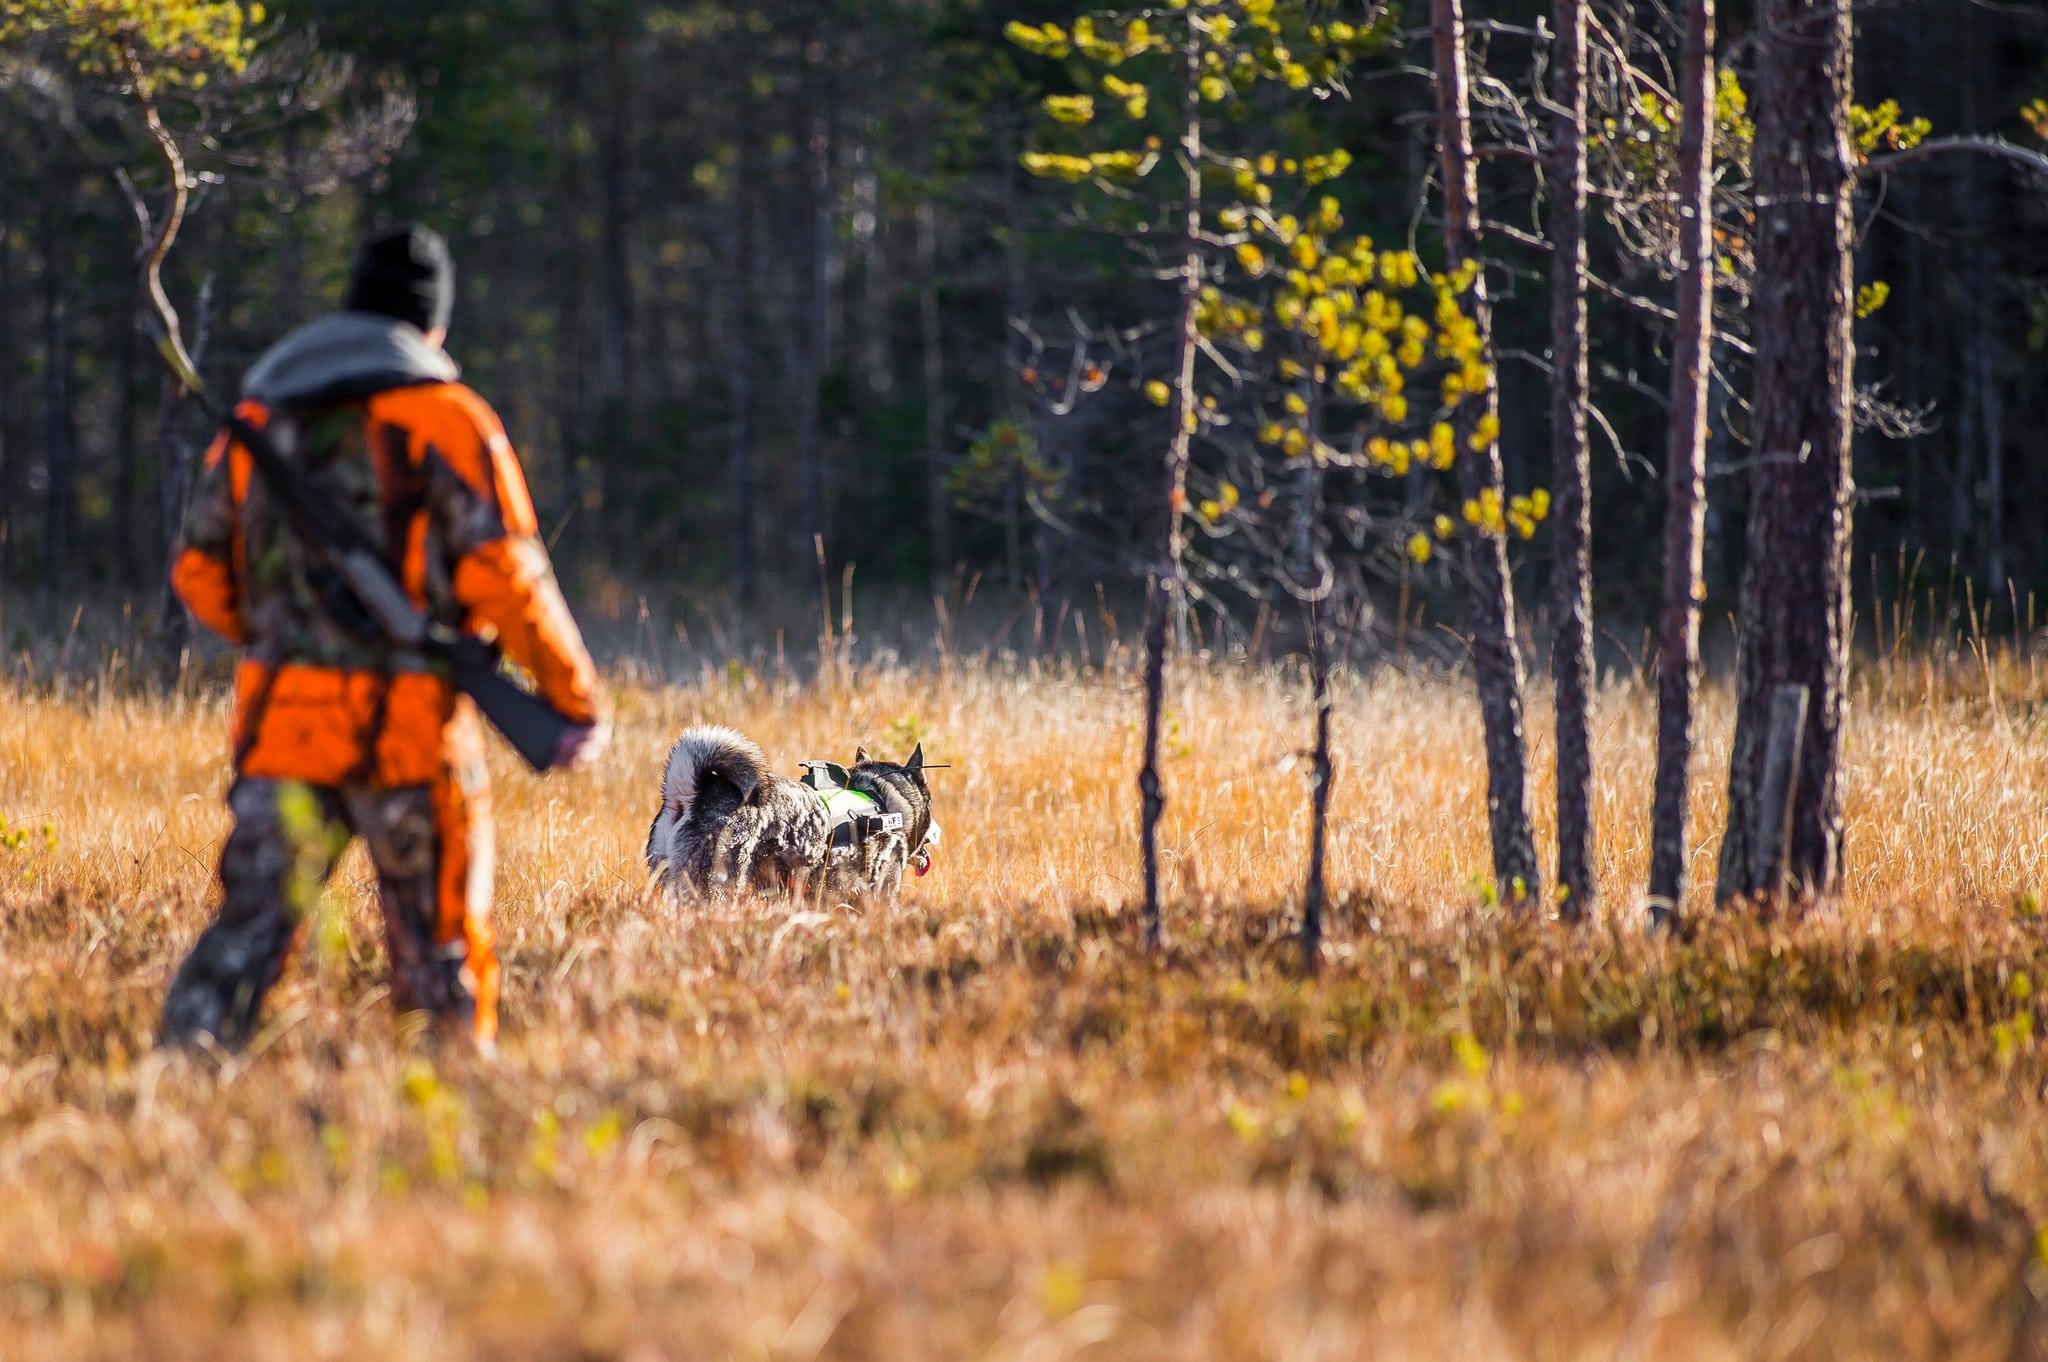 Här hittar du massor av lediga jaktmarker.